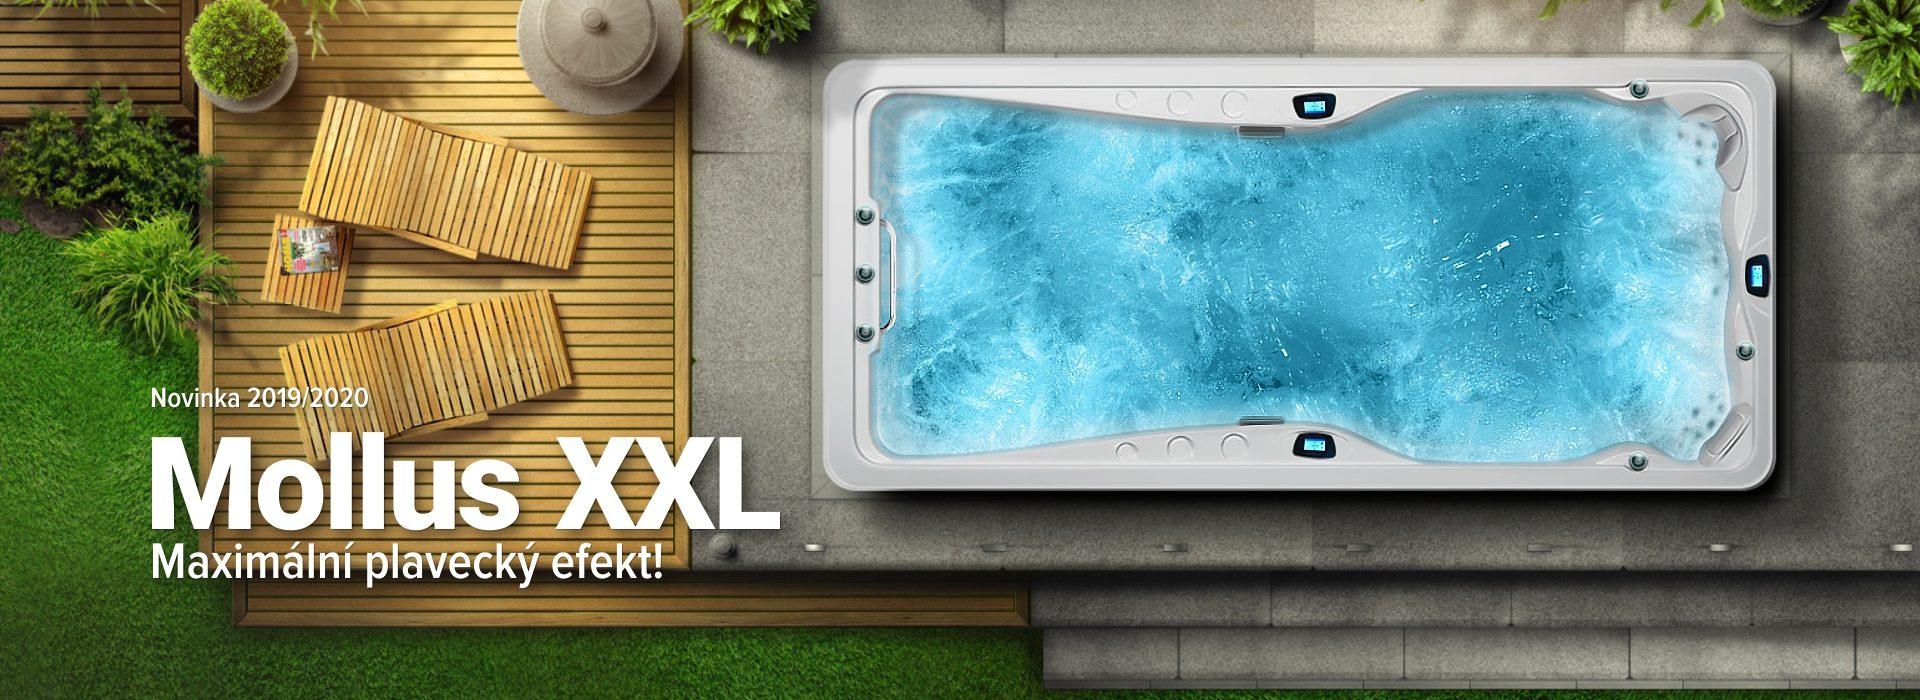 Venkovní vířivky Spa Studio: Mollus XXL - luxusní plavecké swim spa, novinka 2019/2020